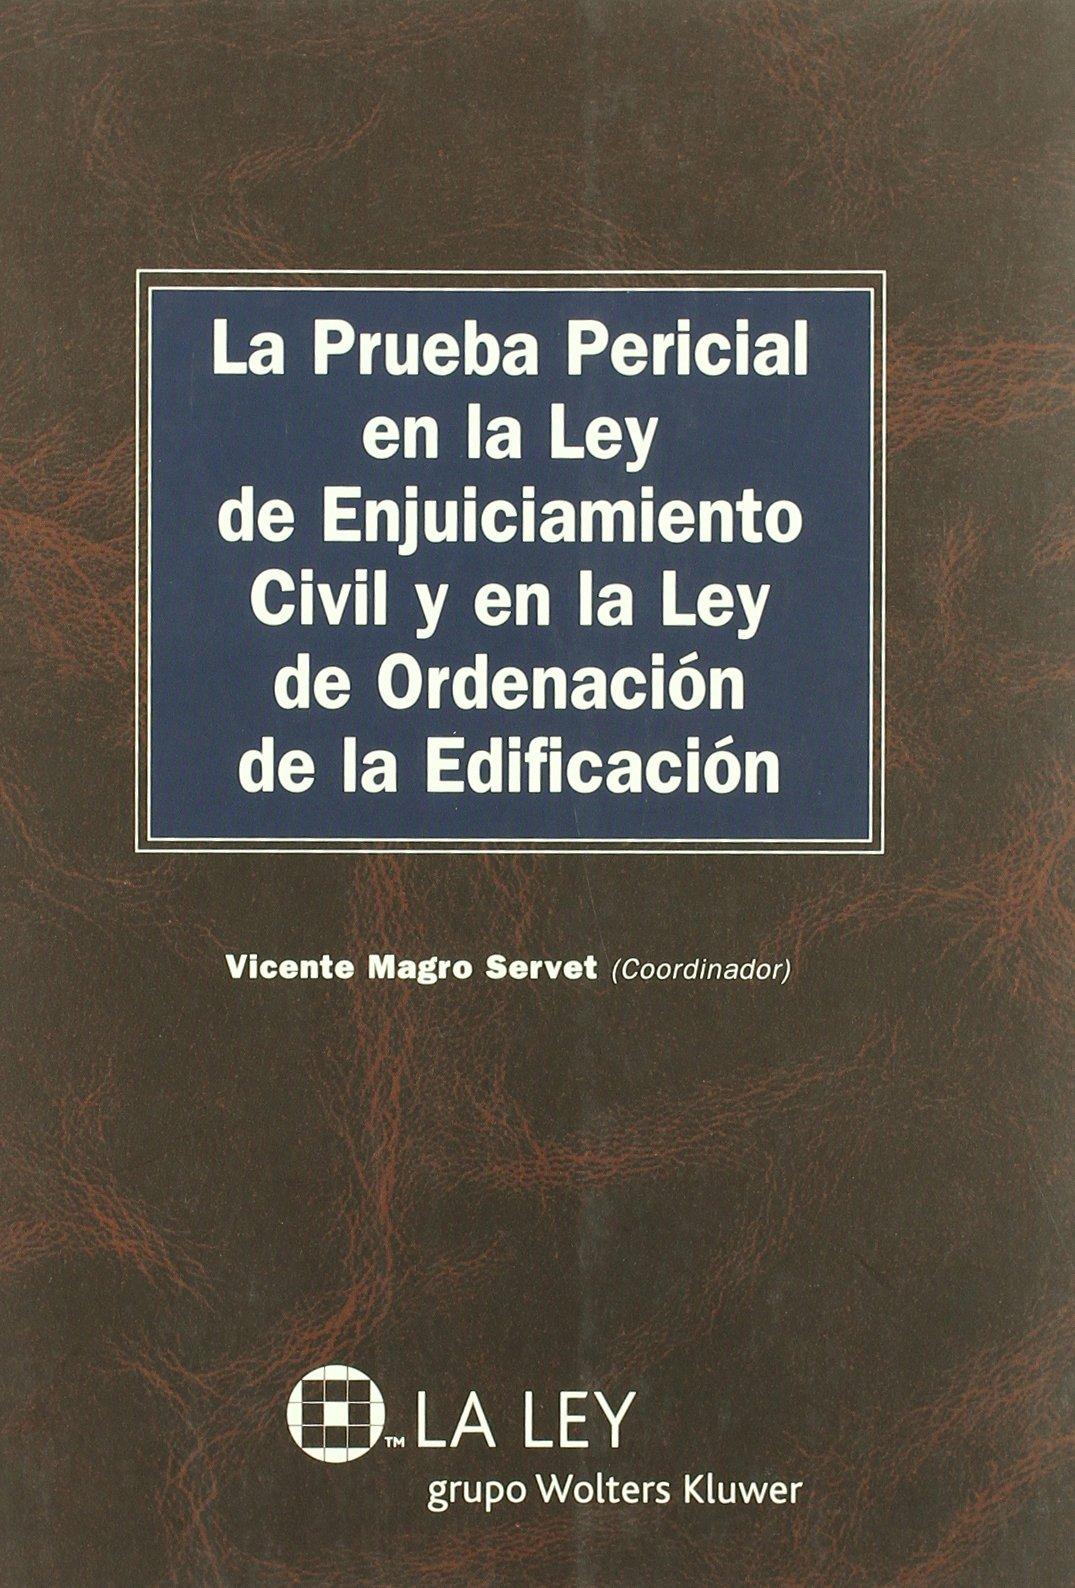 La prueba pericial en la Ley de enjuiciamiento civil y en la Ley de ordenación de la edificación